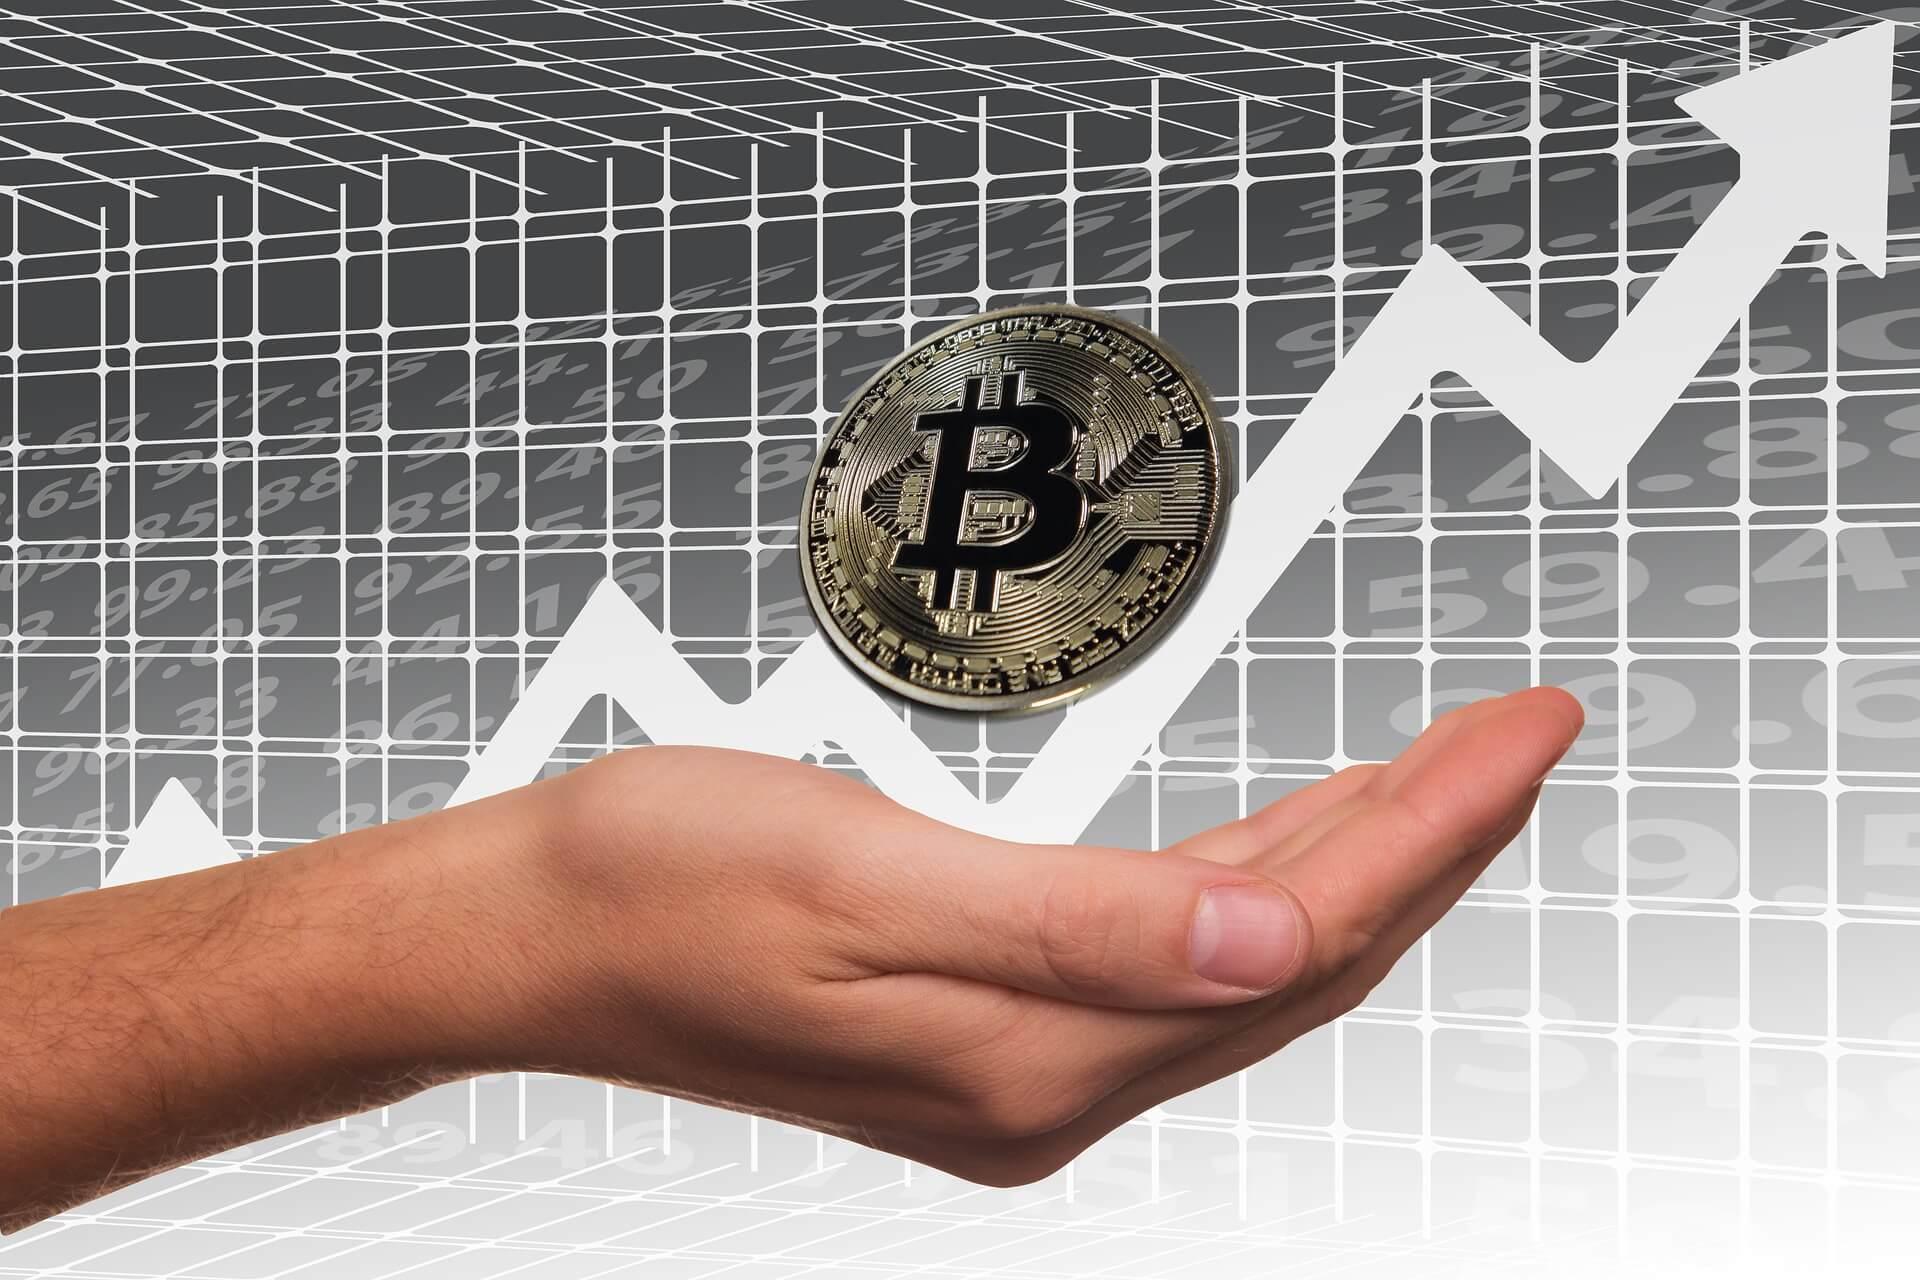 Poker - Bitcoin